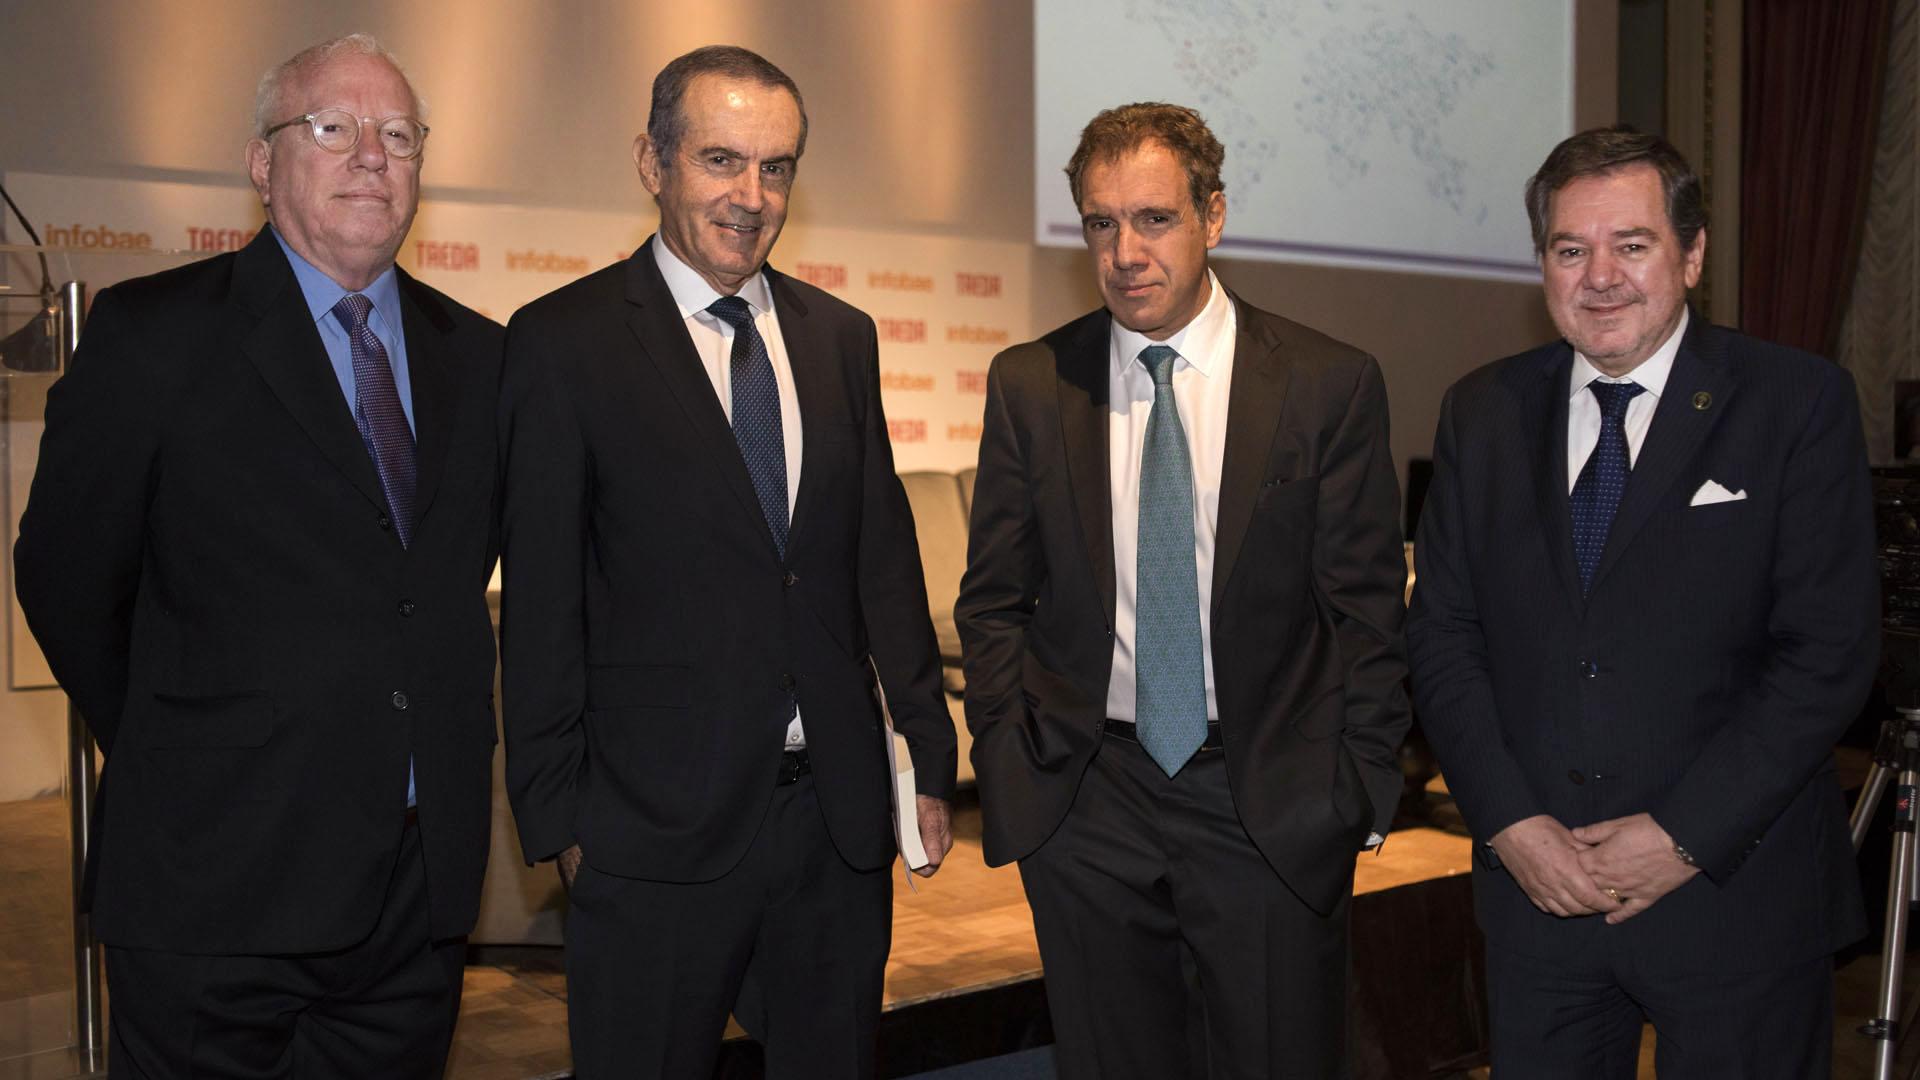 Gabriel Guerra Mondragón, Andrés Oppenheimer, Daniel Hadad y Mario Montoto